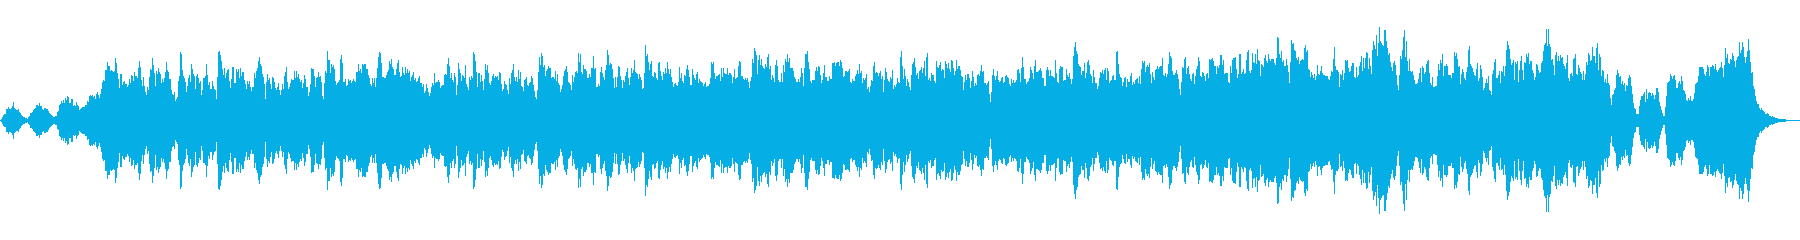 トランペットとストリングスの温かい協奏曲の再生済みの波形